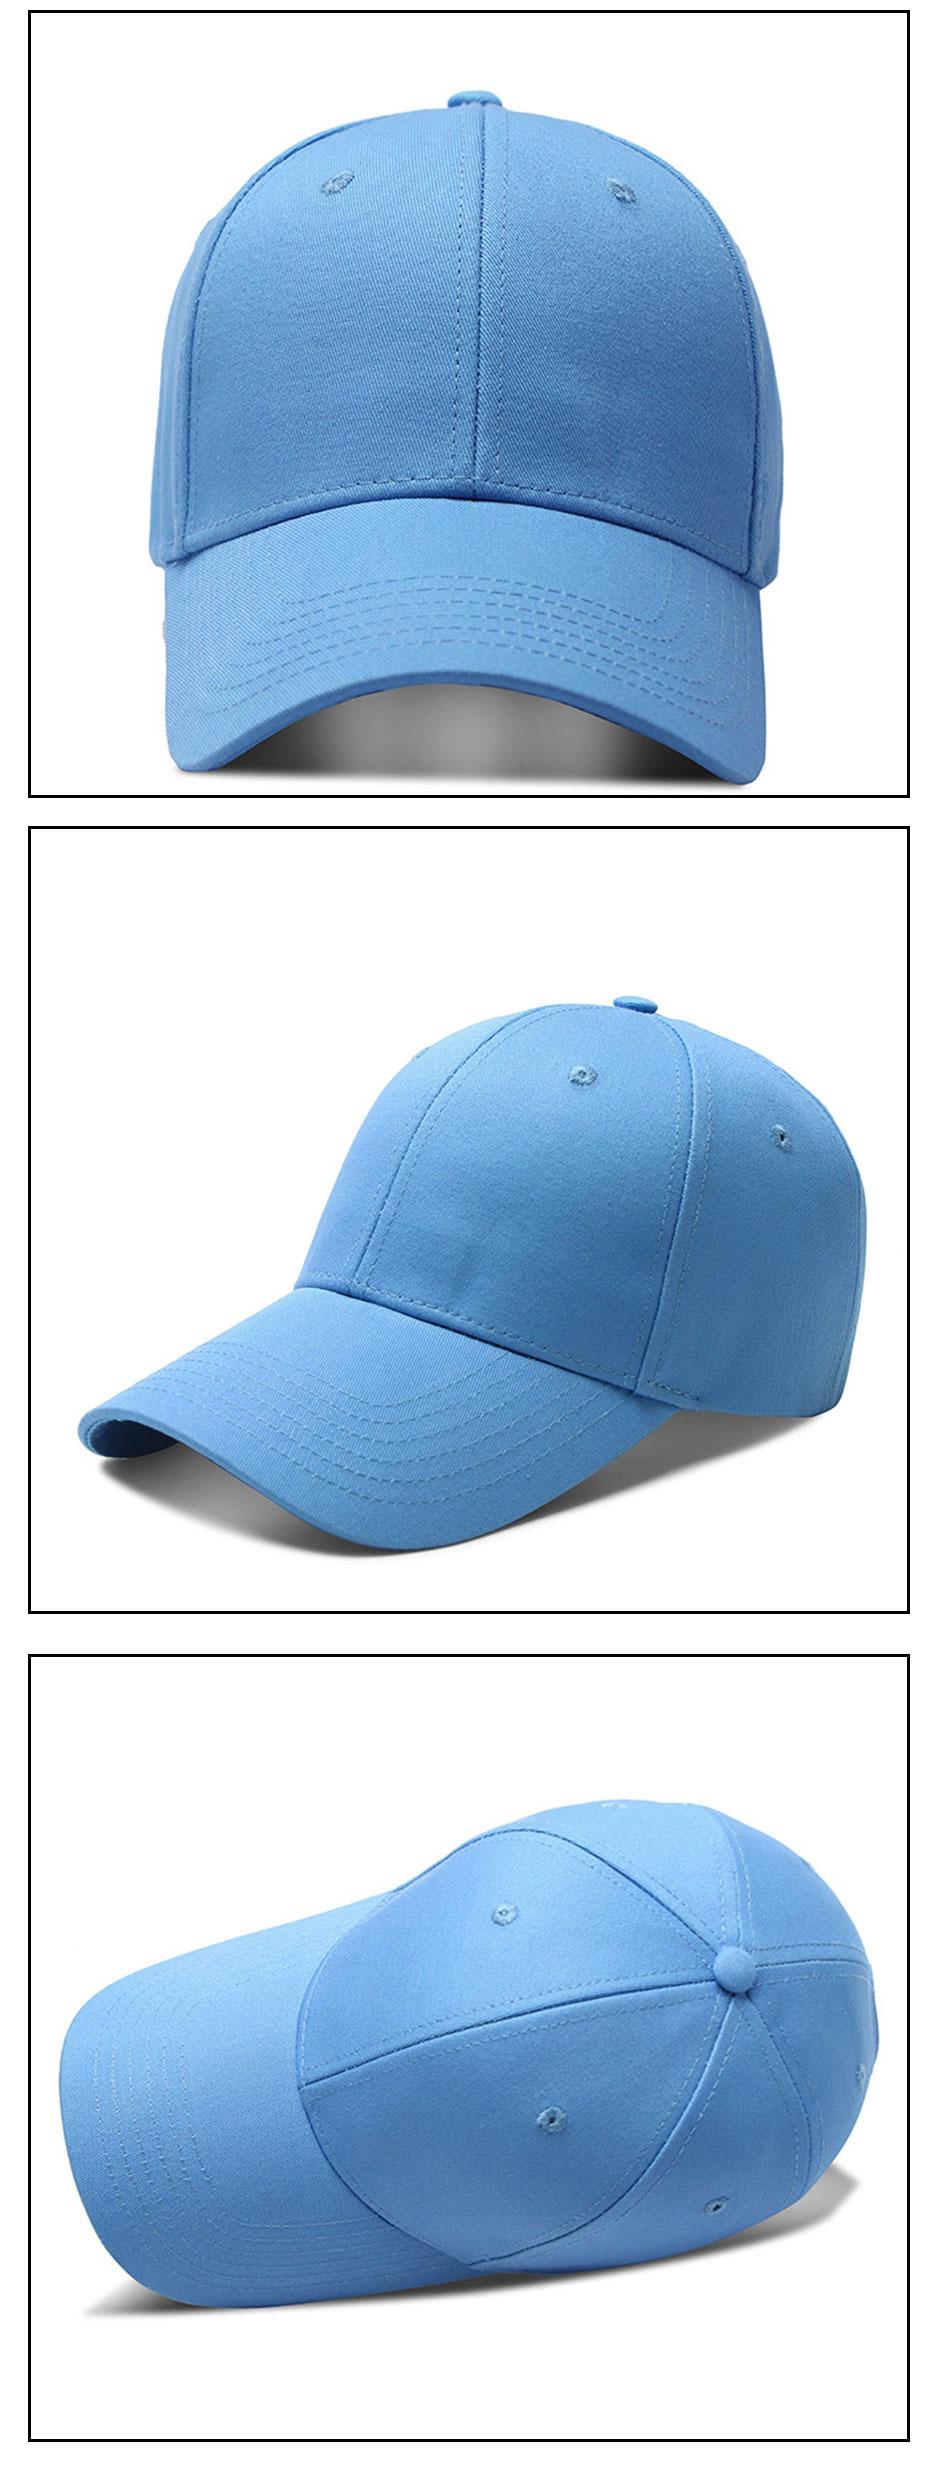 Cap-005930_07